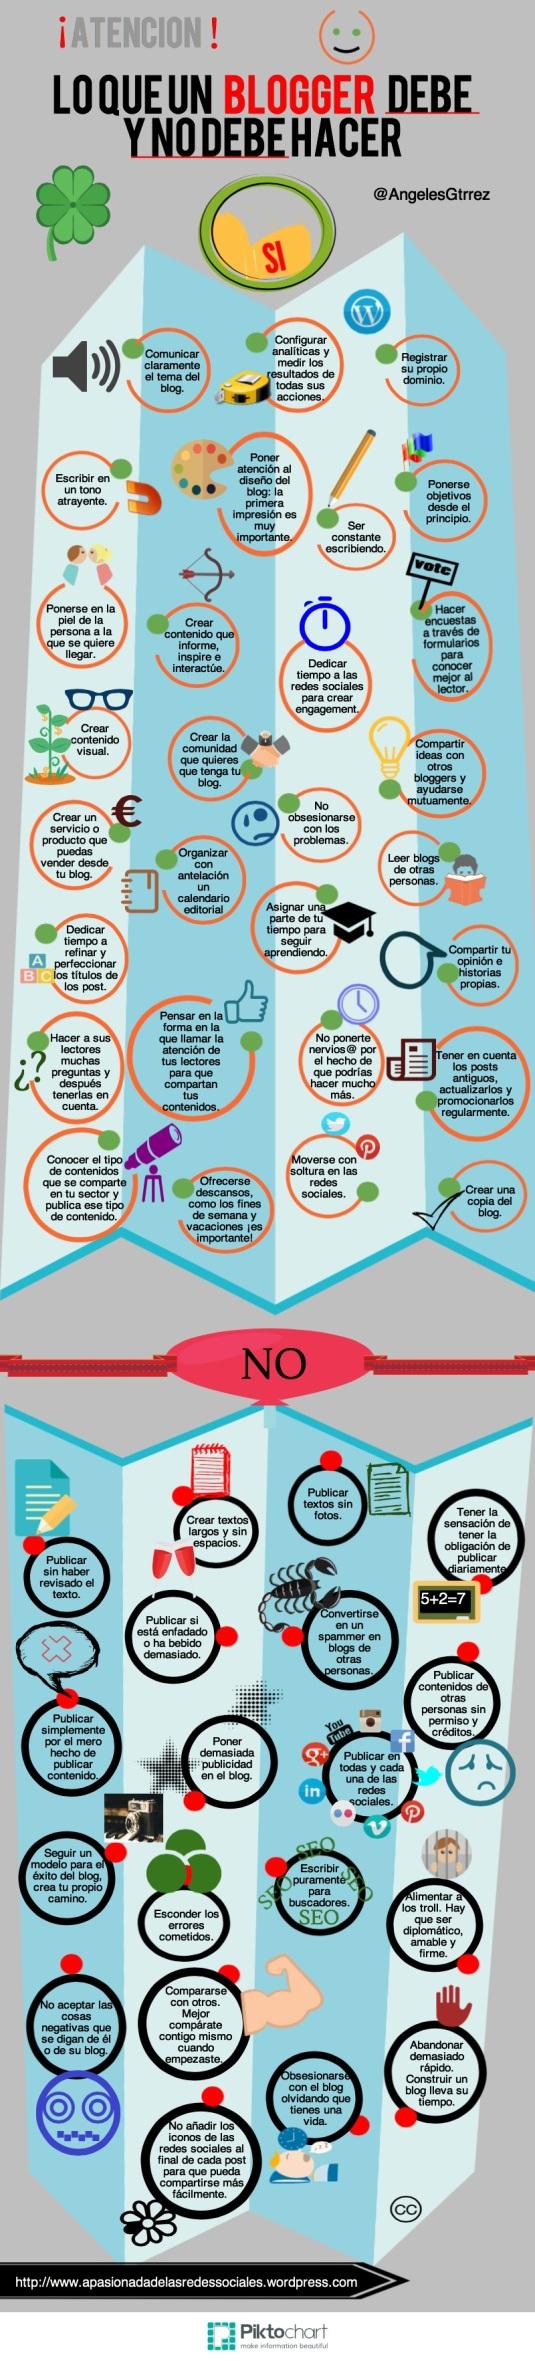 Lo que si y lo que no debe hacer un blogger